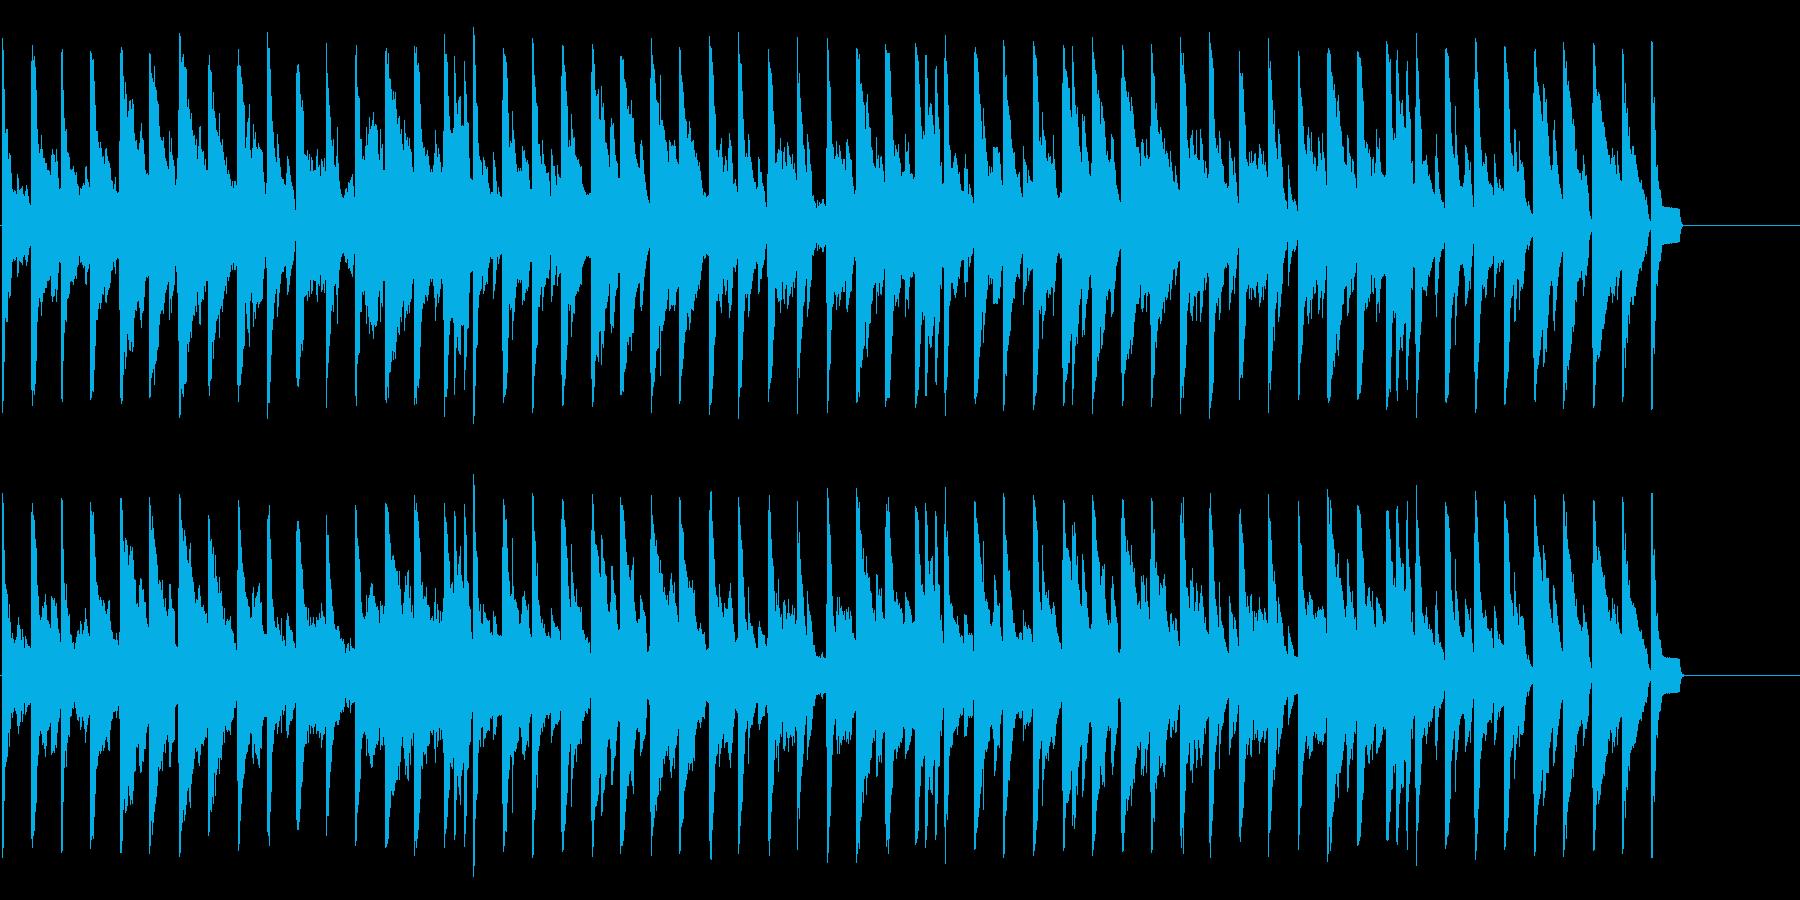 昼下がりのまどろみを演出するワルツの再生済みの波形